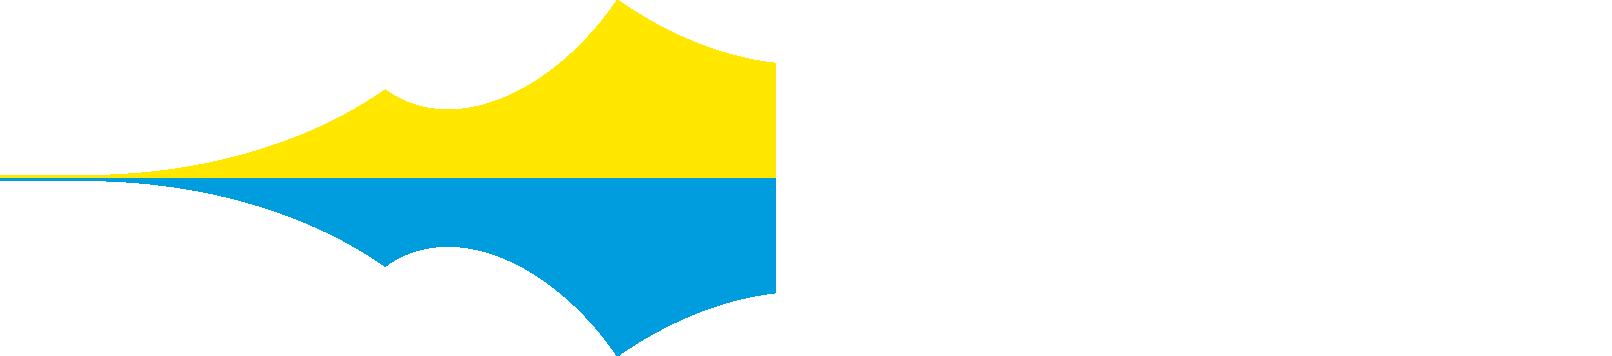 http://www.engadin.stmoritz.ch/